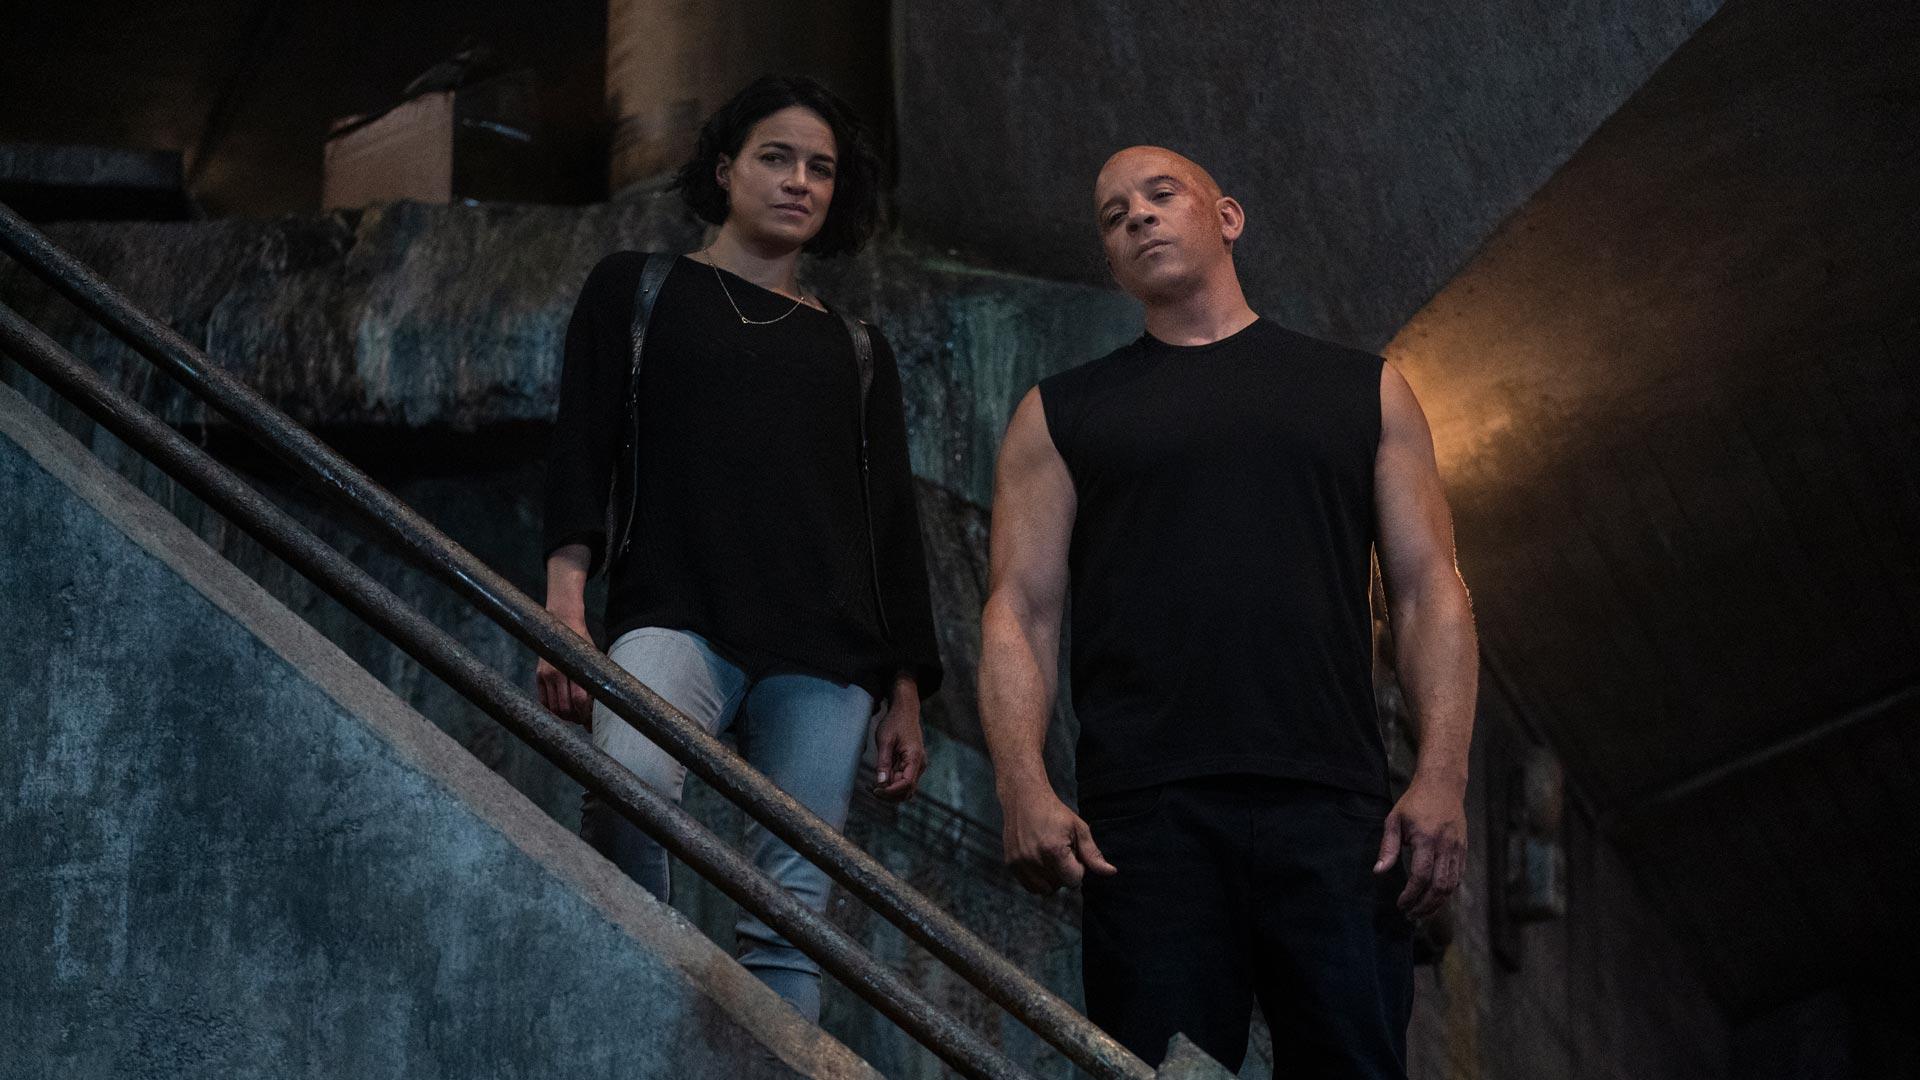 Letty und Dom stehen auf einer Treppe